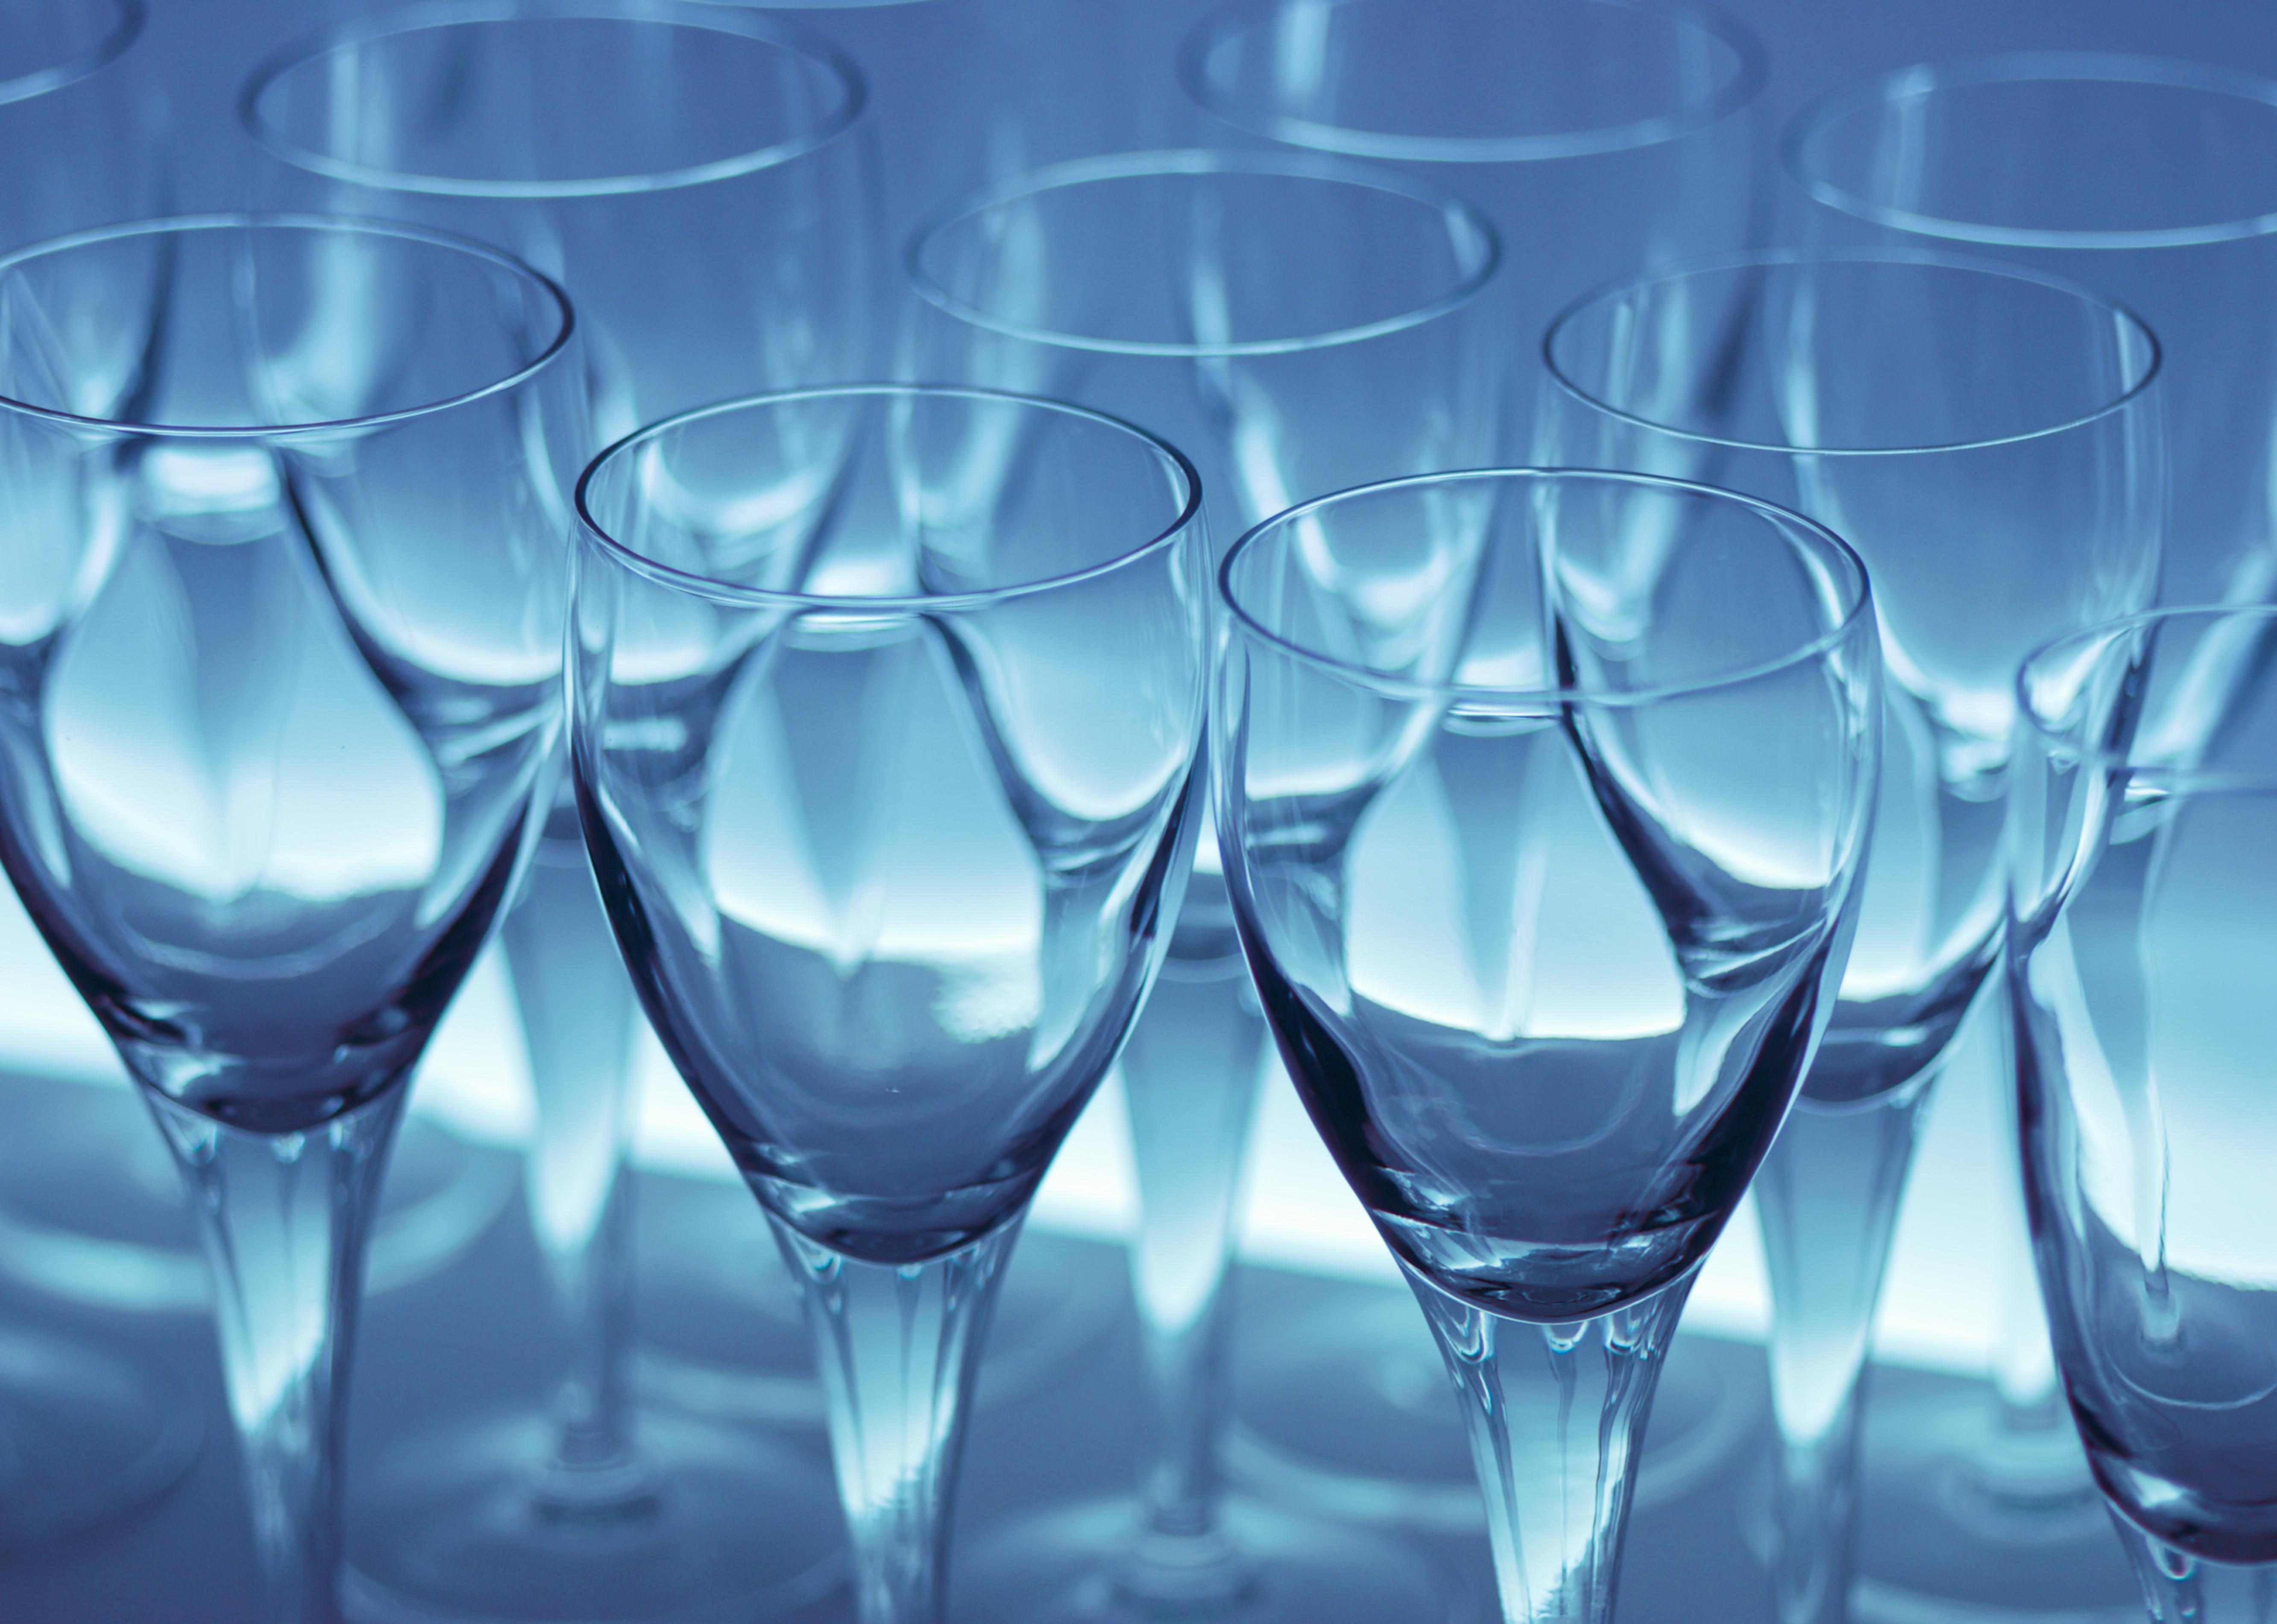 Wine Glasses in Blue Light